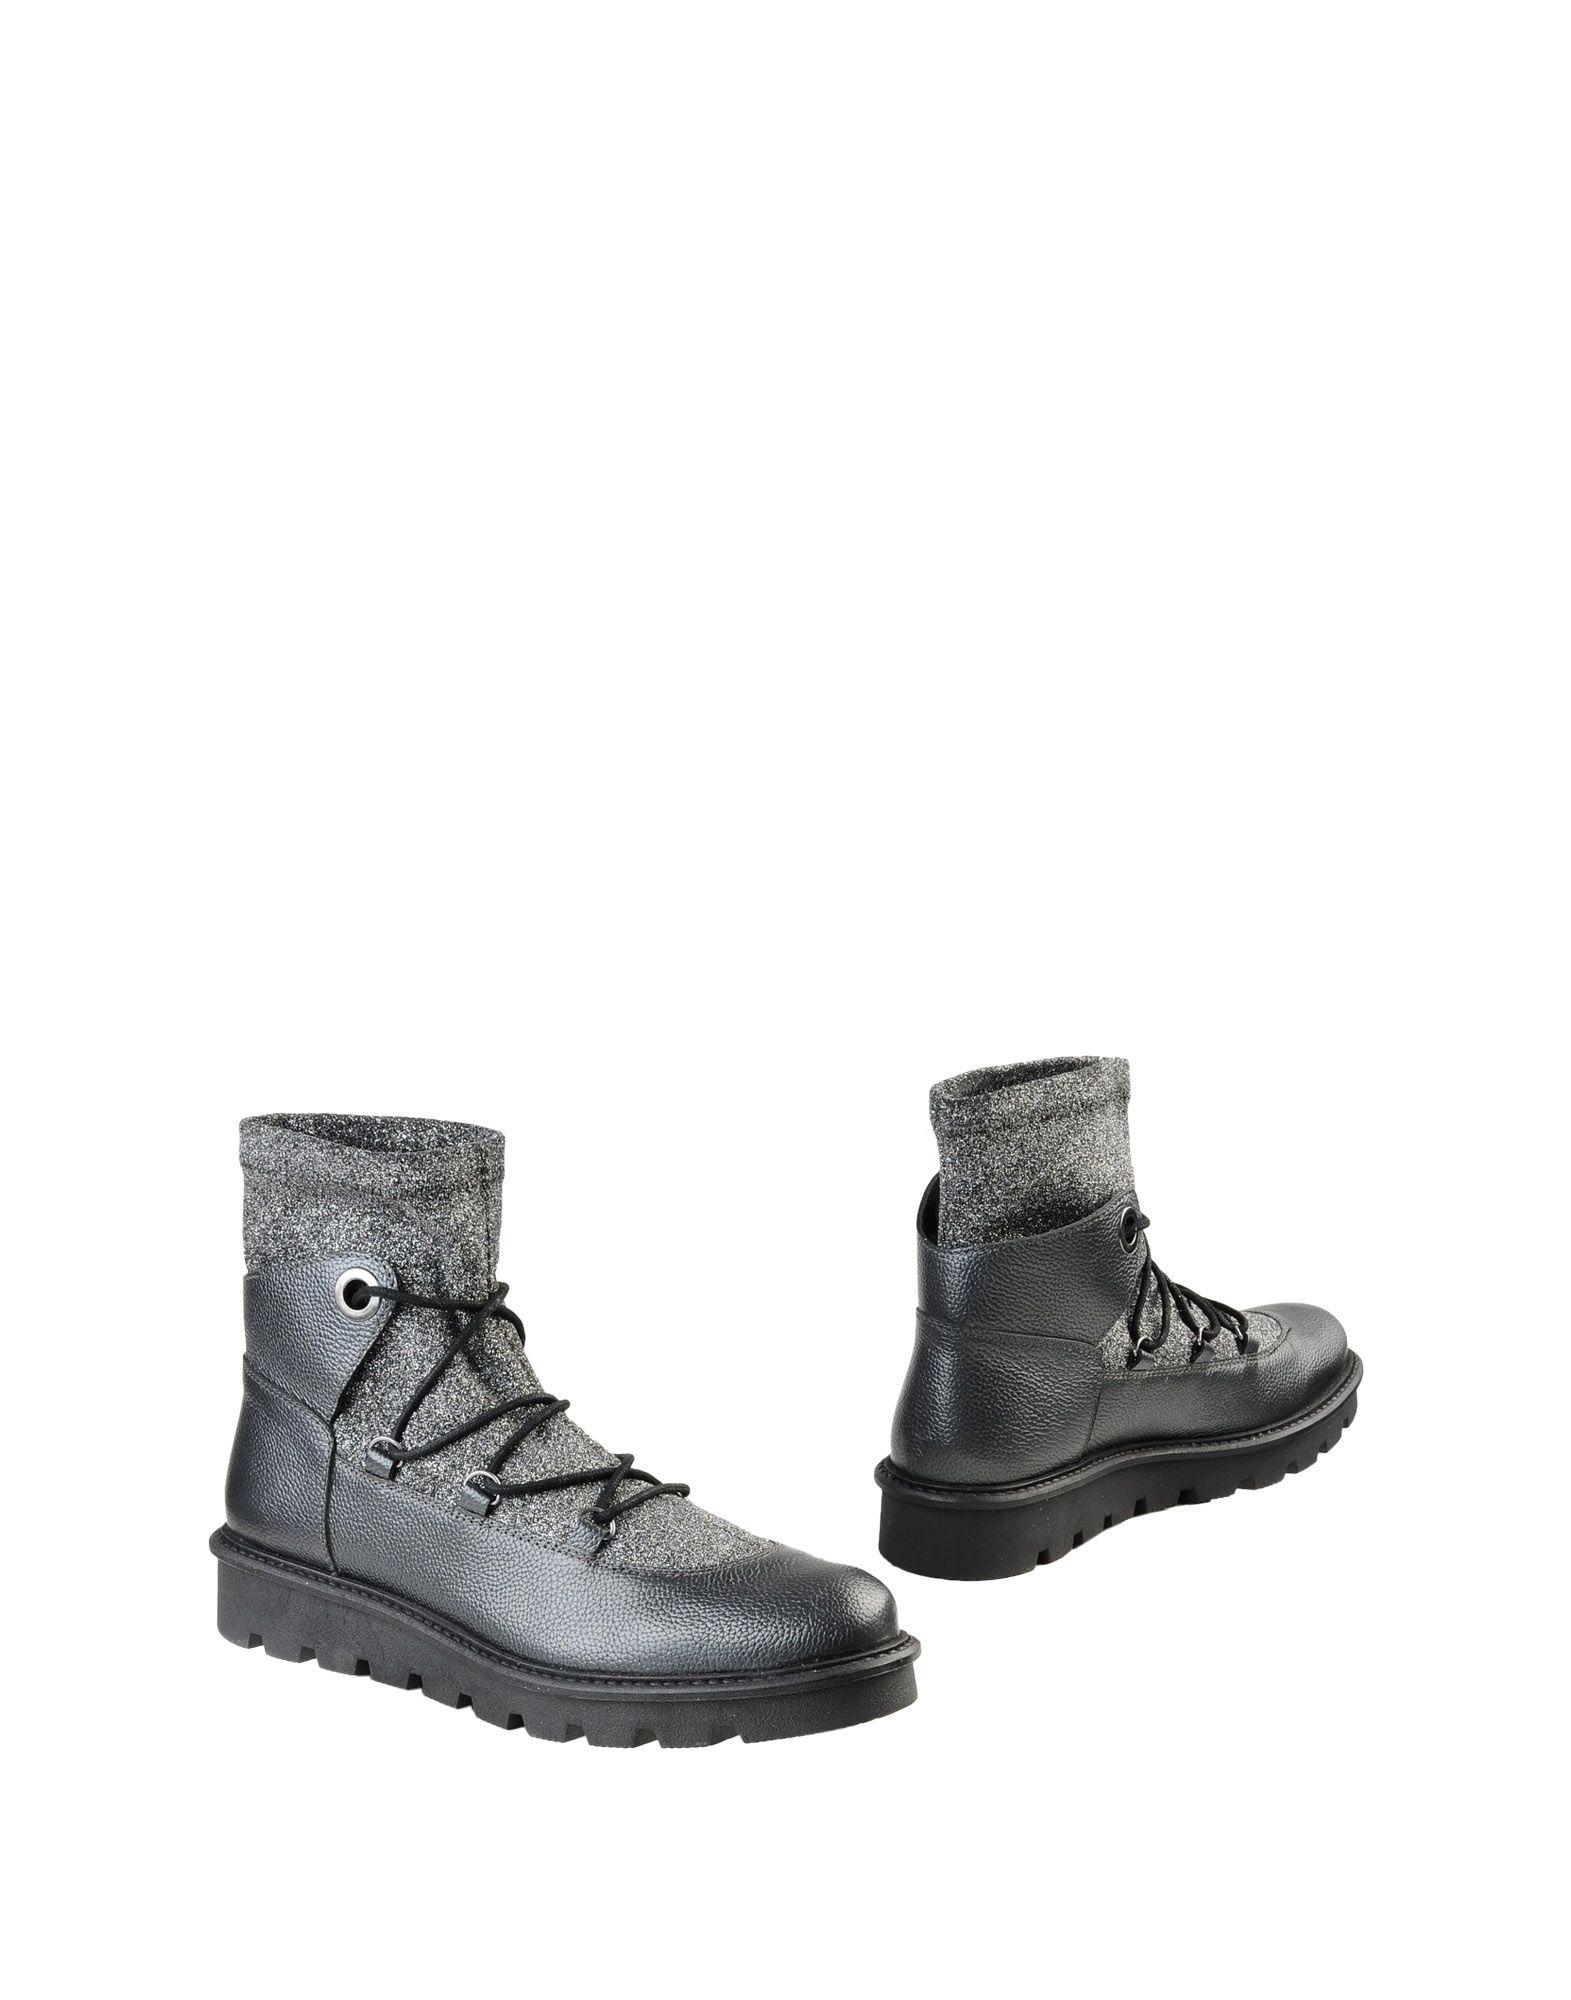 George J. Love Stiefelette Damen  11540537DI Gute Qualität beliebte Schuhe